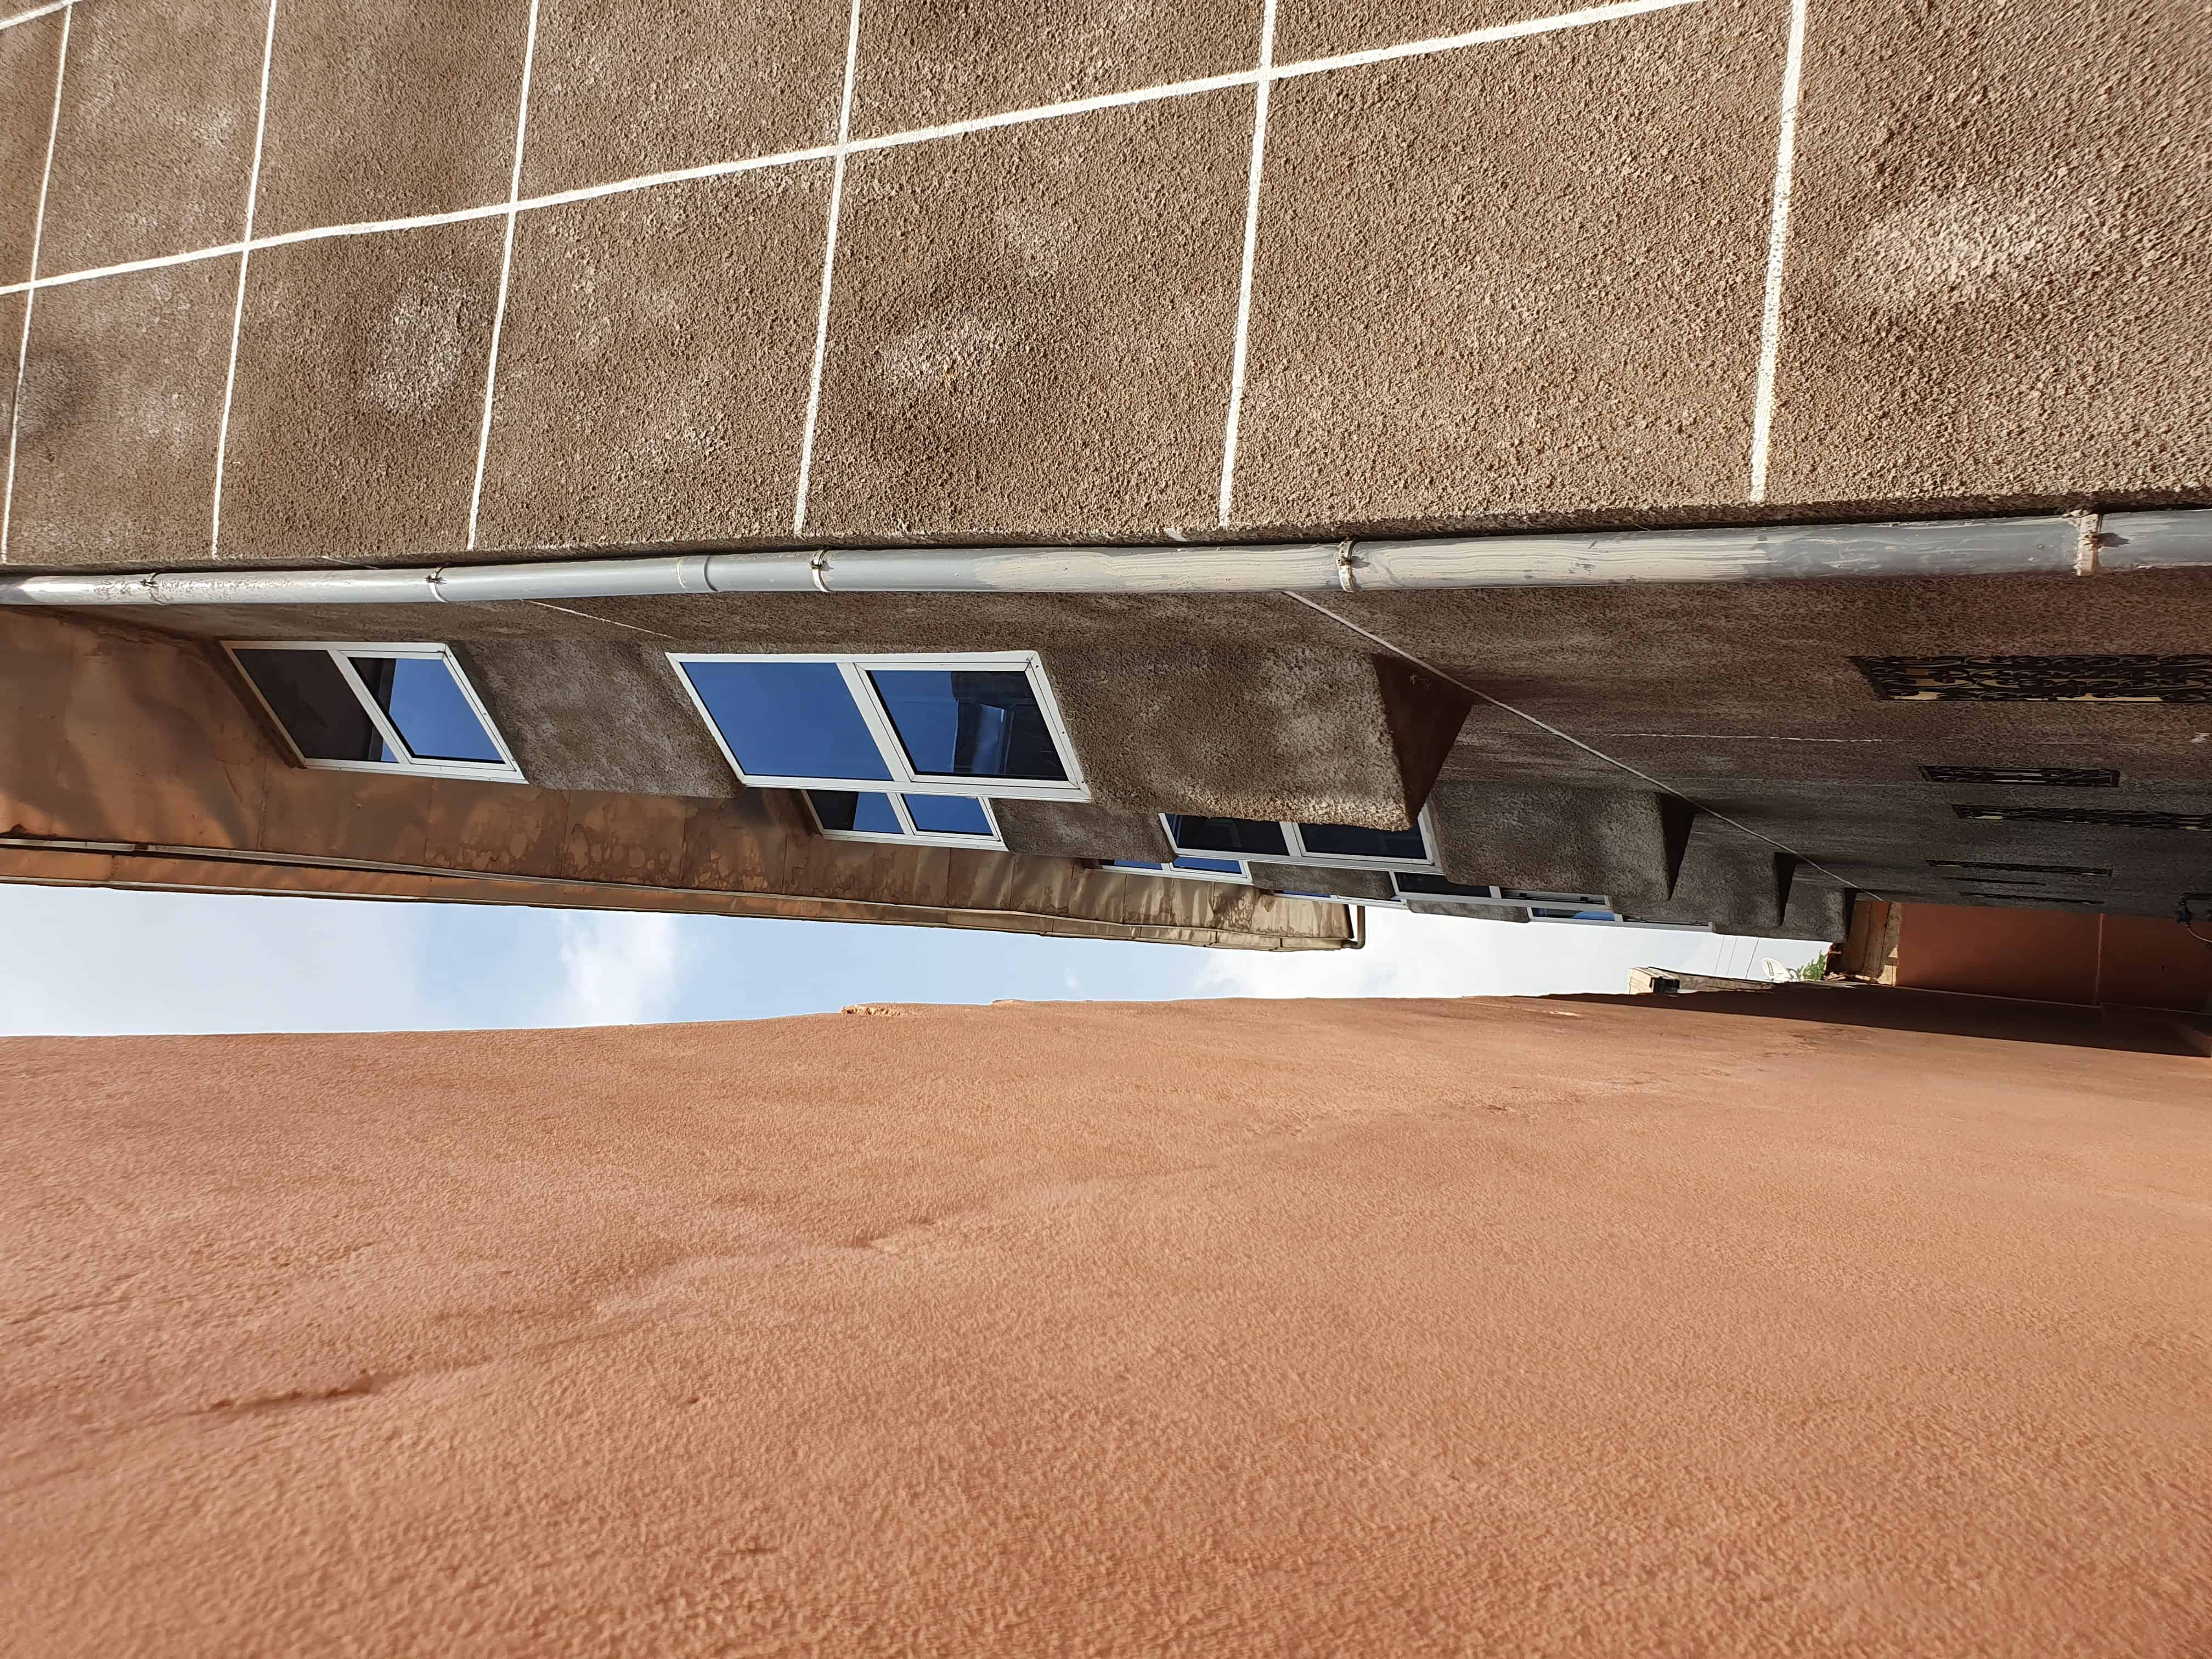 Appartement à louer - Yaoundé, Simbock, Monté arab contractor - 1 salon(s), 2 chambre(s), 1 salle(s) de bains - 120 000 FCFA / mois